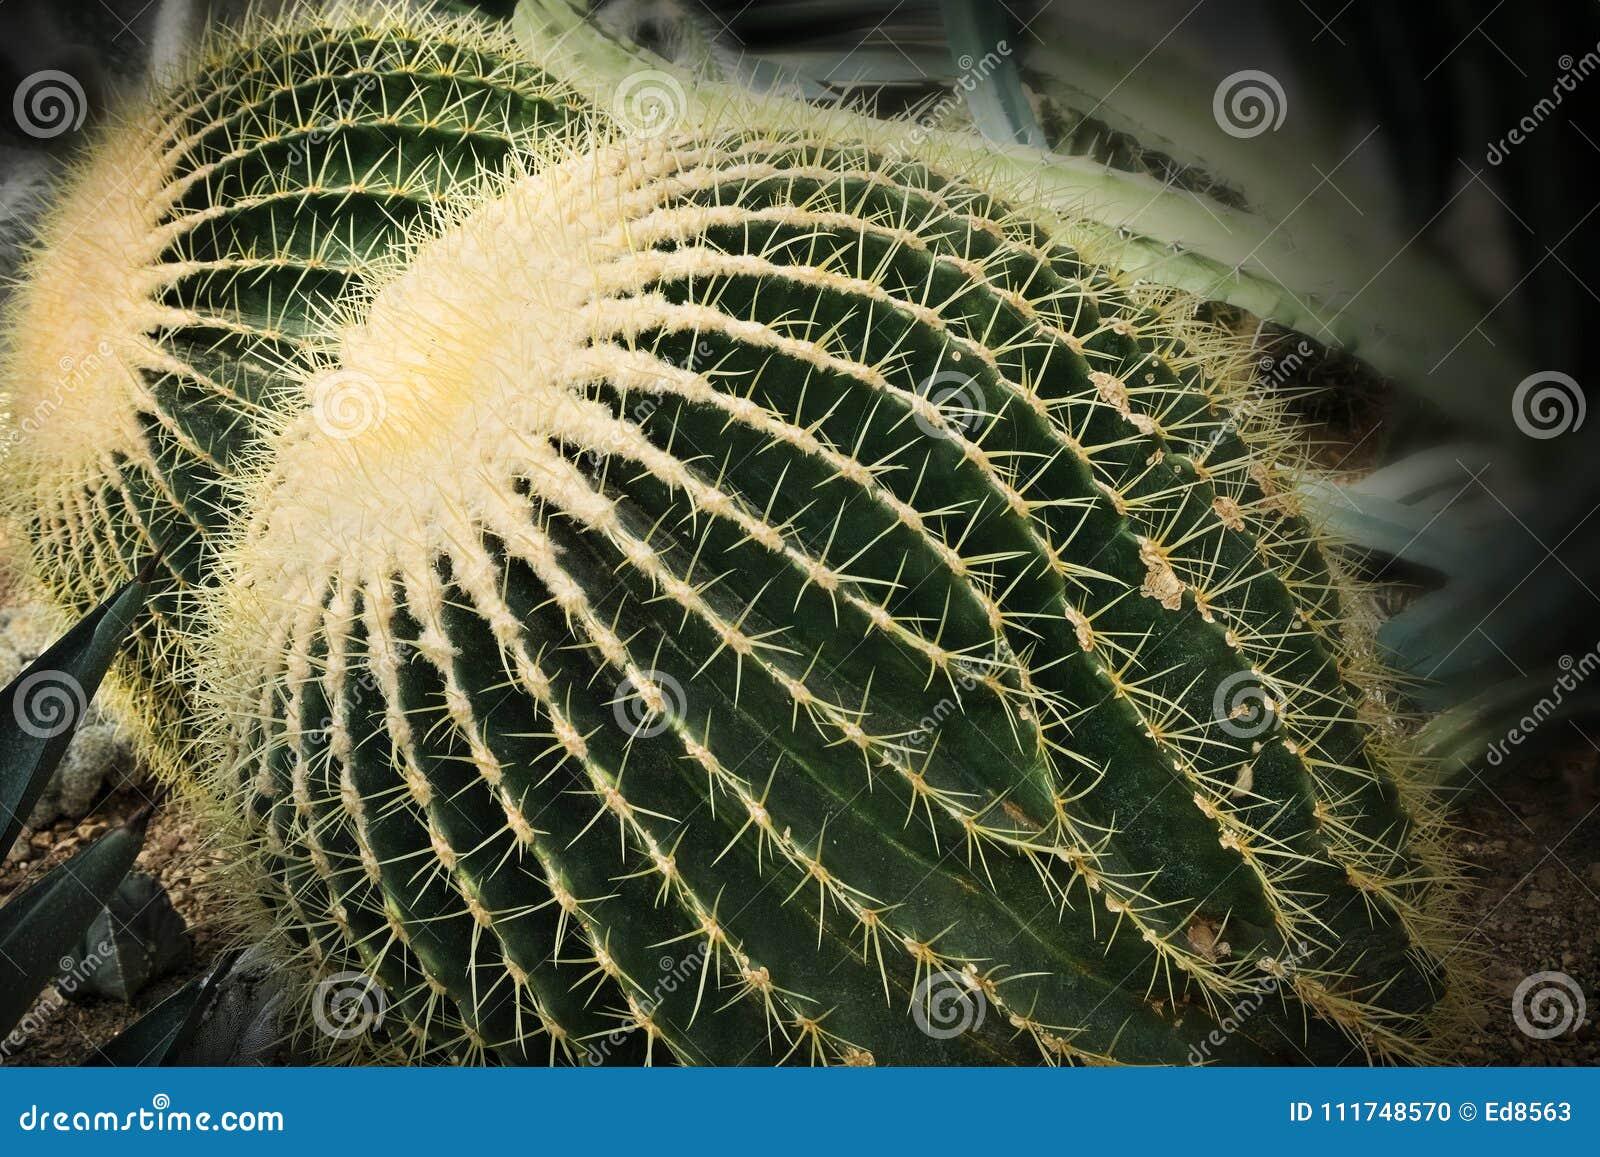 Echinocactus grusonii - Golden Barrel Cactus pair closeup